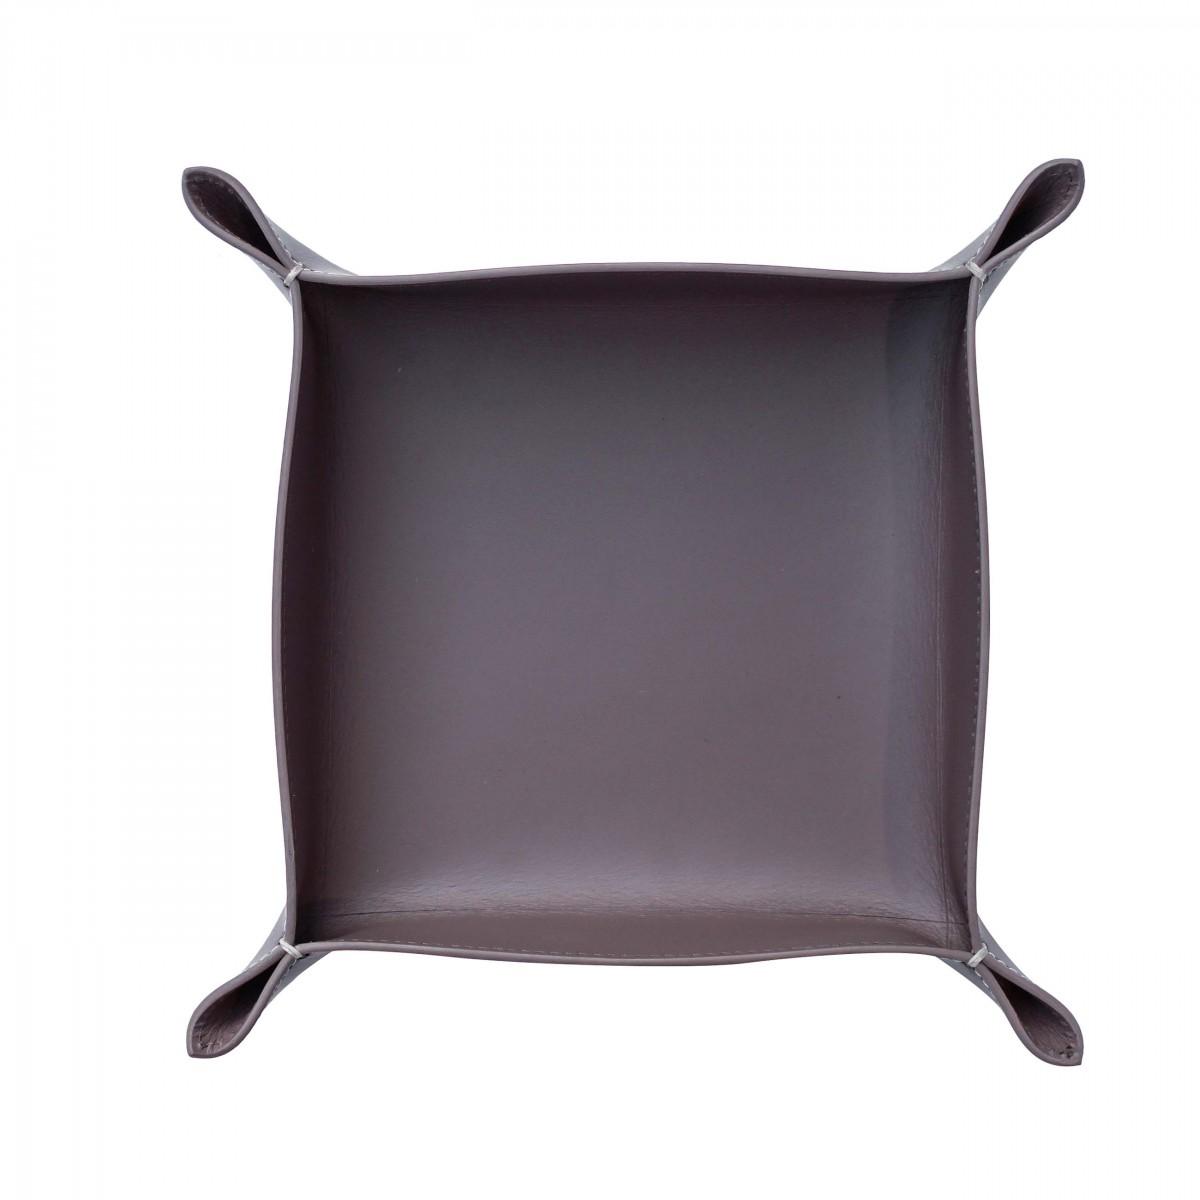 adorist - Lederablage, Taschenleerer Corium 20x20cm, taupe